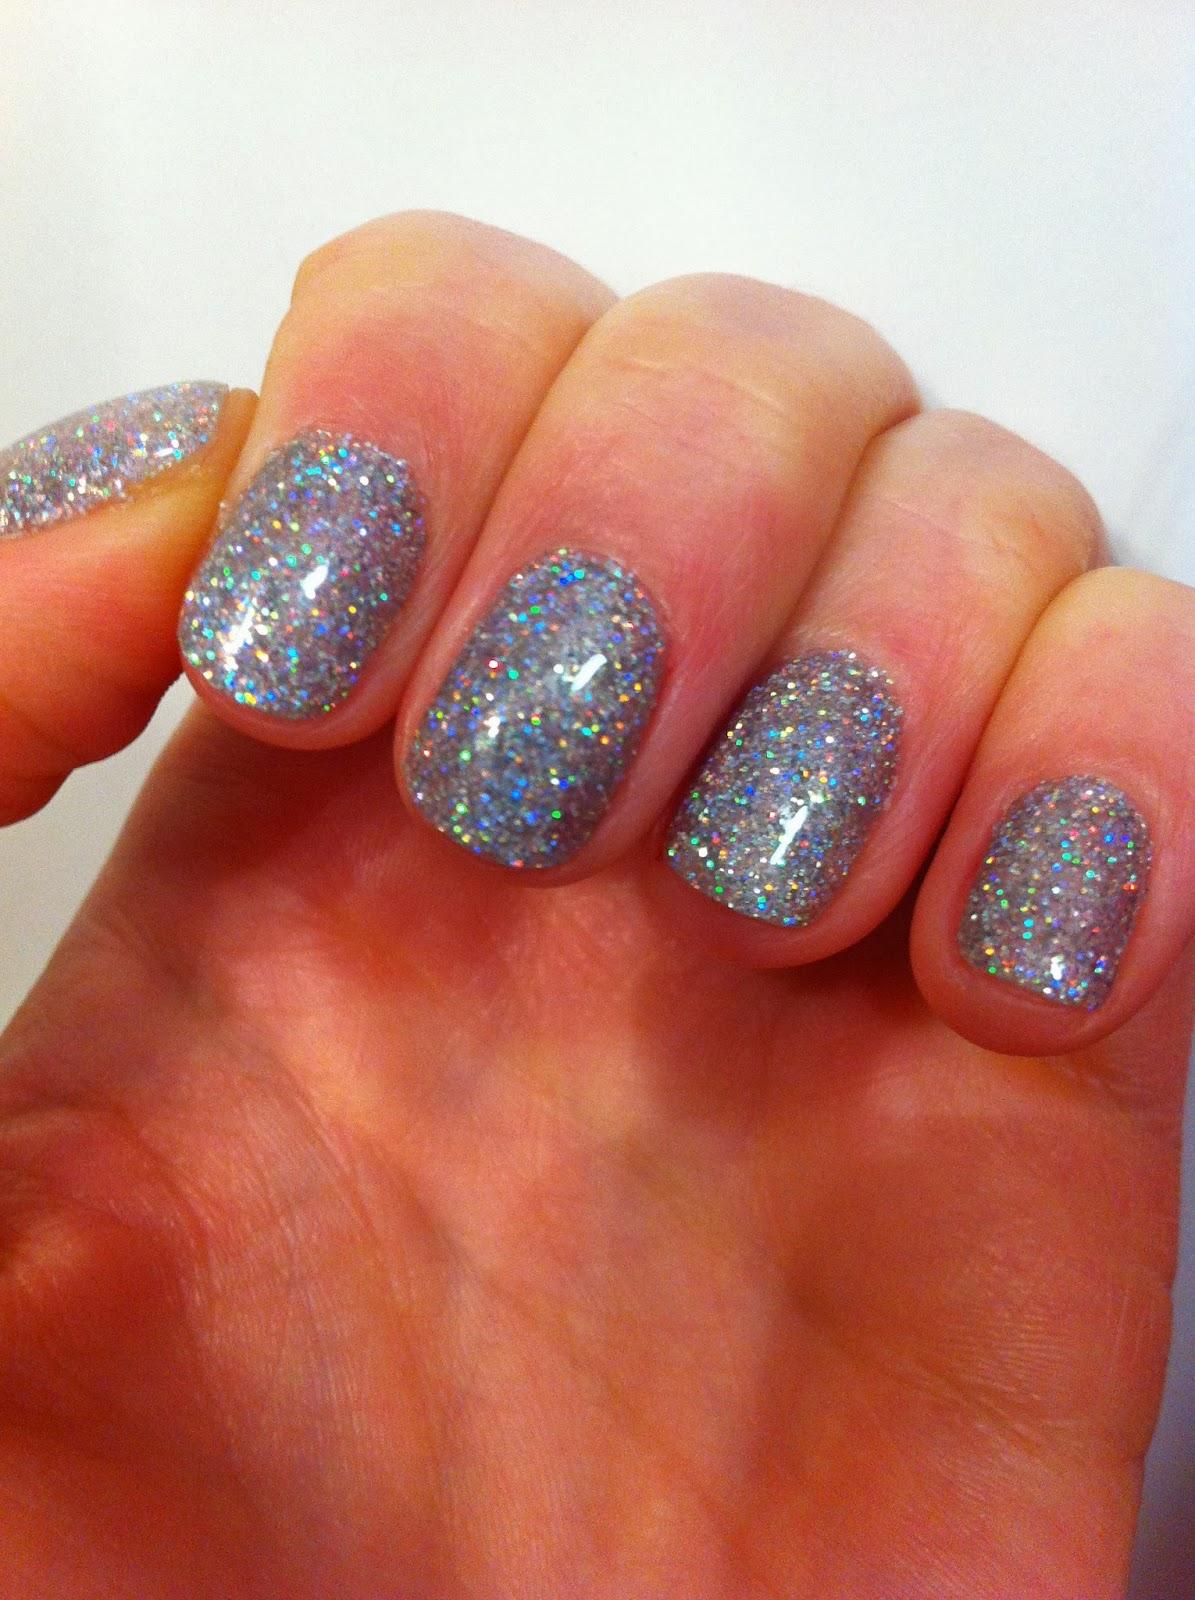 Beauty Box: Glitter Gel Manicure